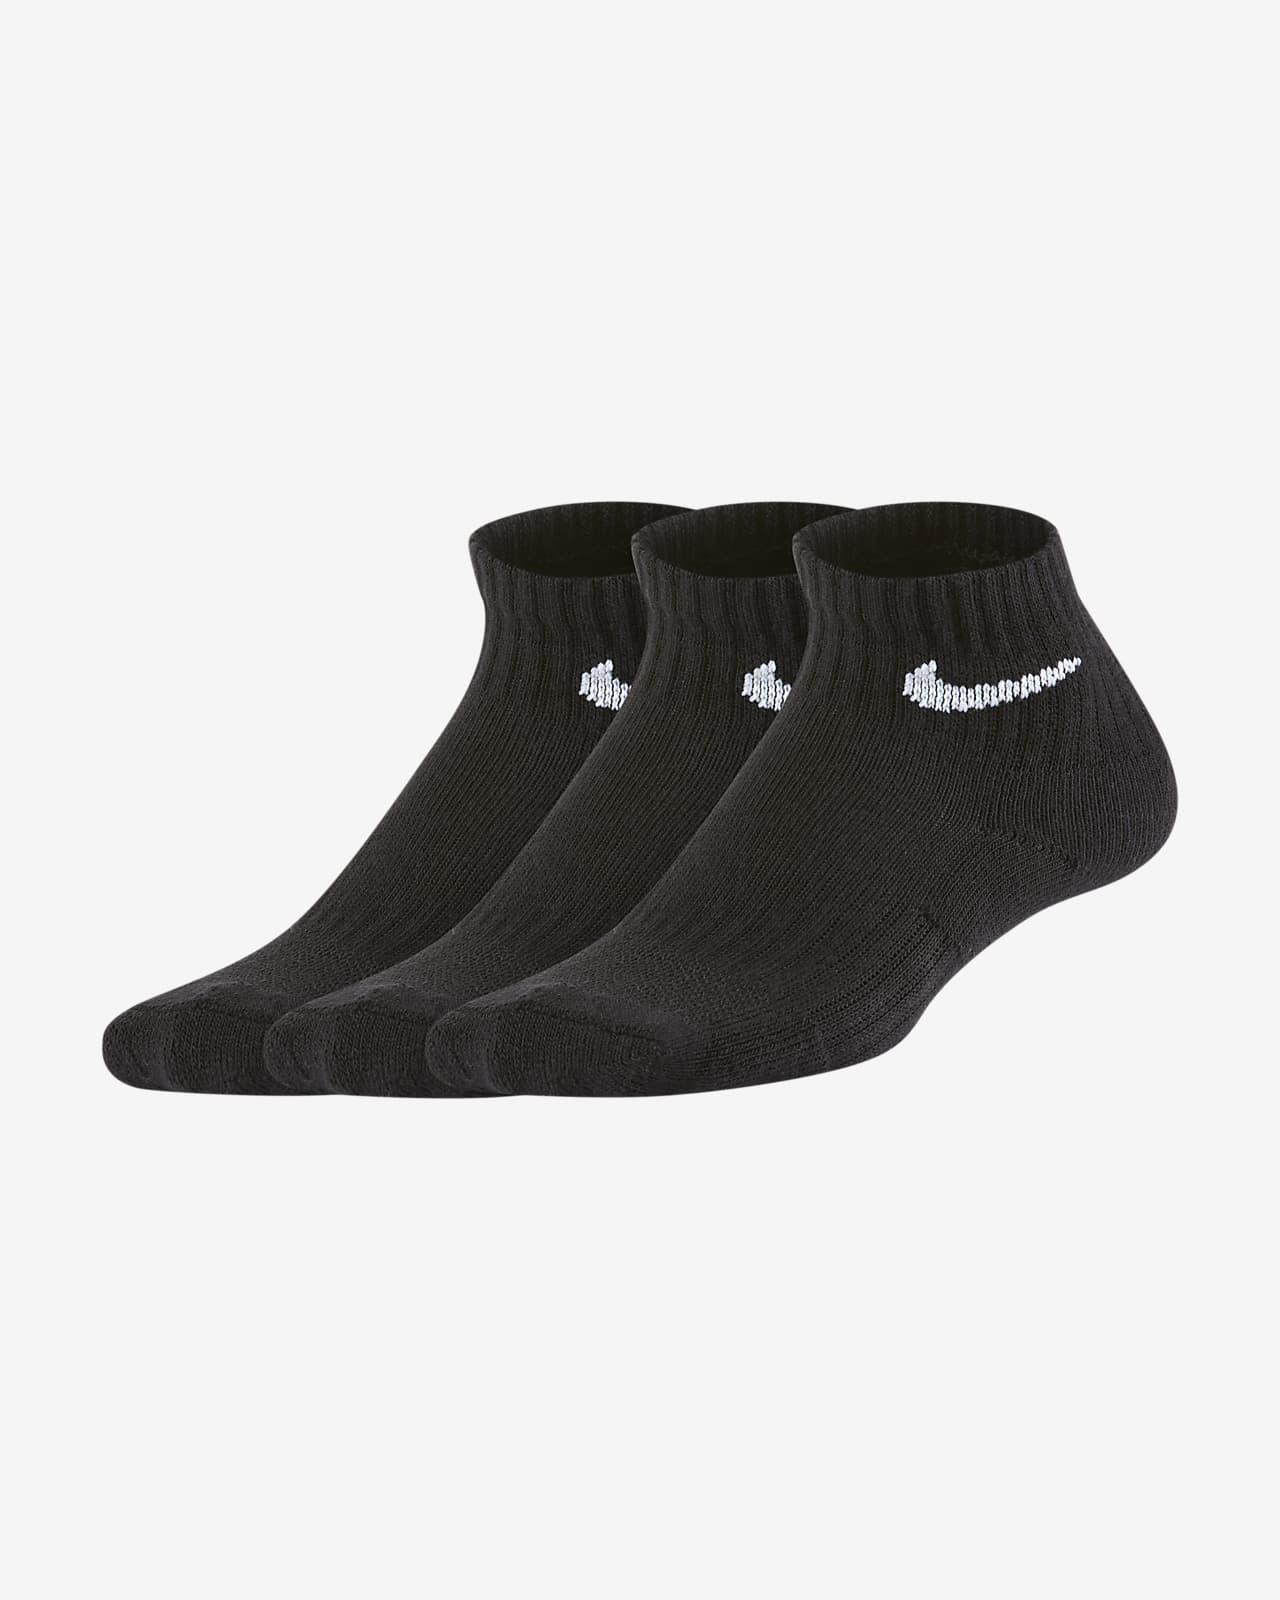 Calcetines hasta el tobillo para niños talla pequeña Nike Dri-FIT (3 pares)